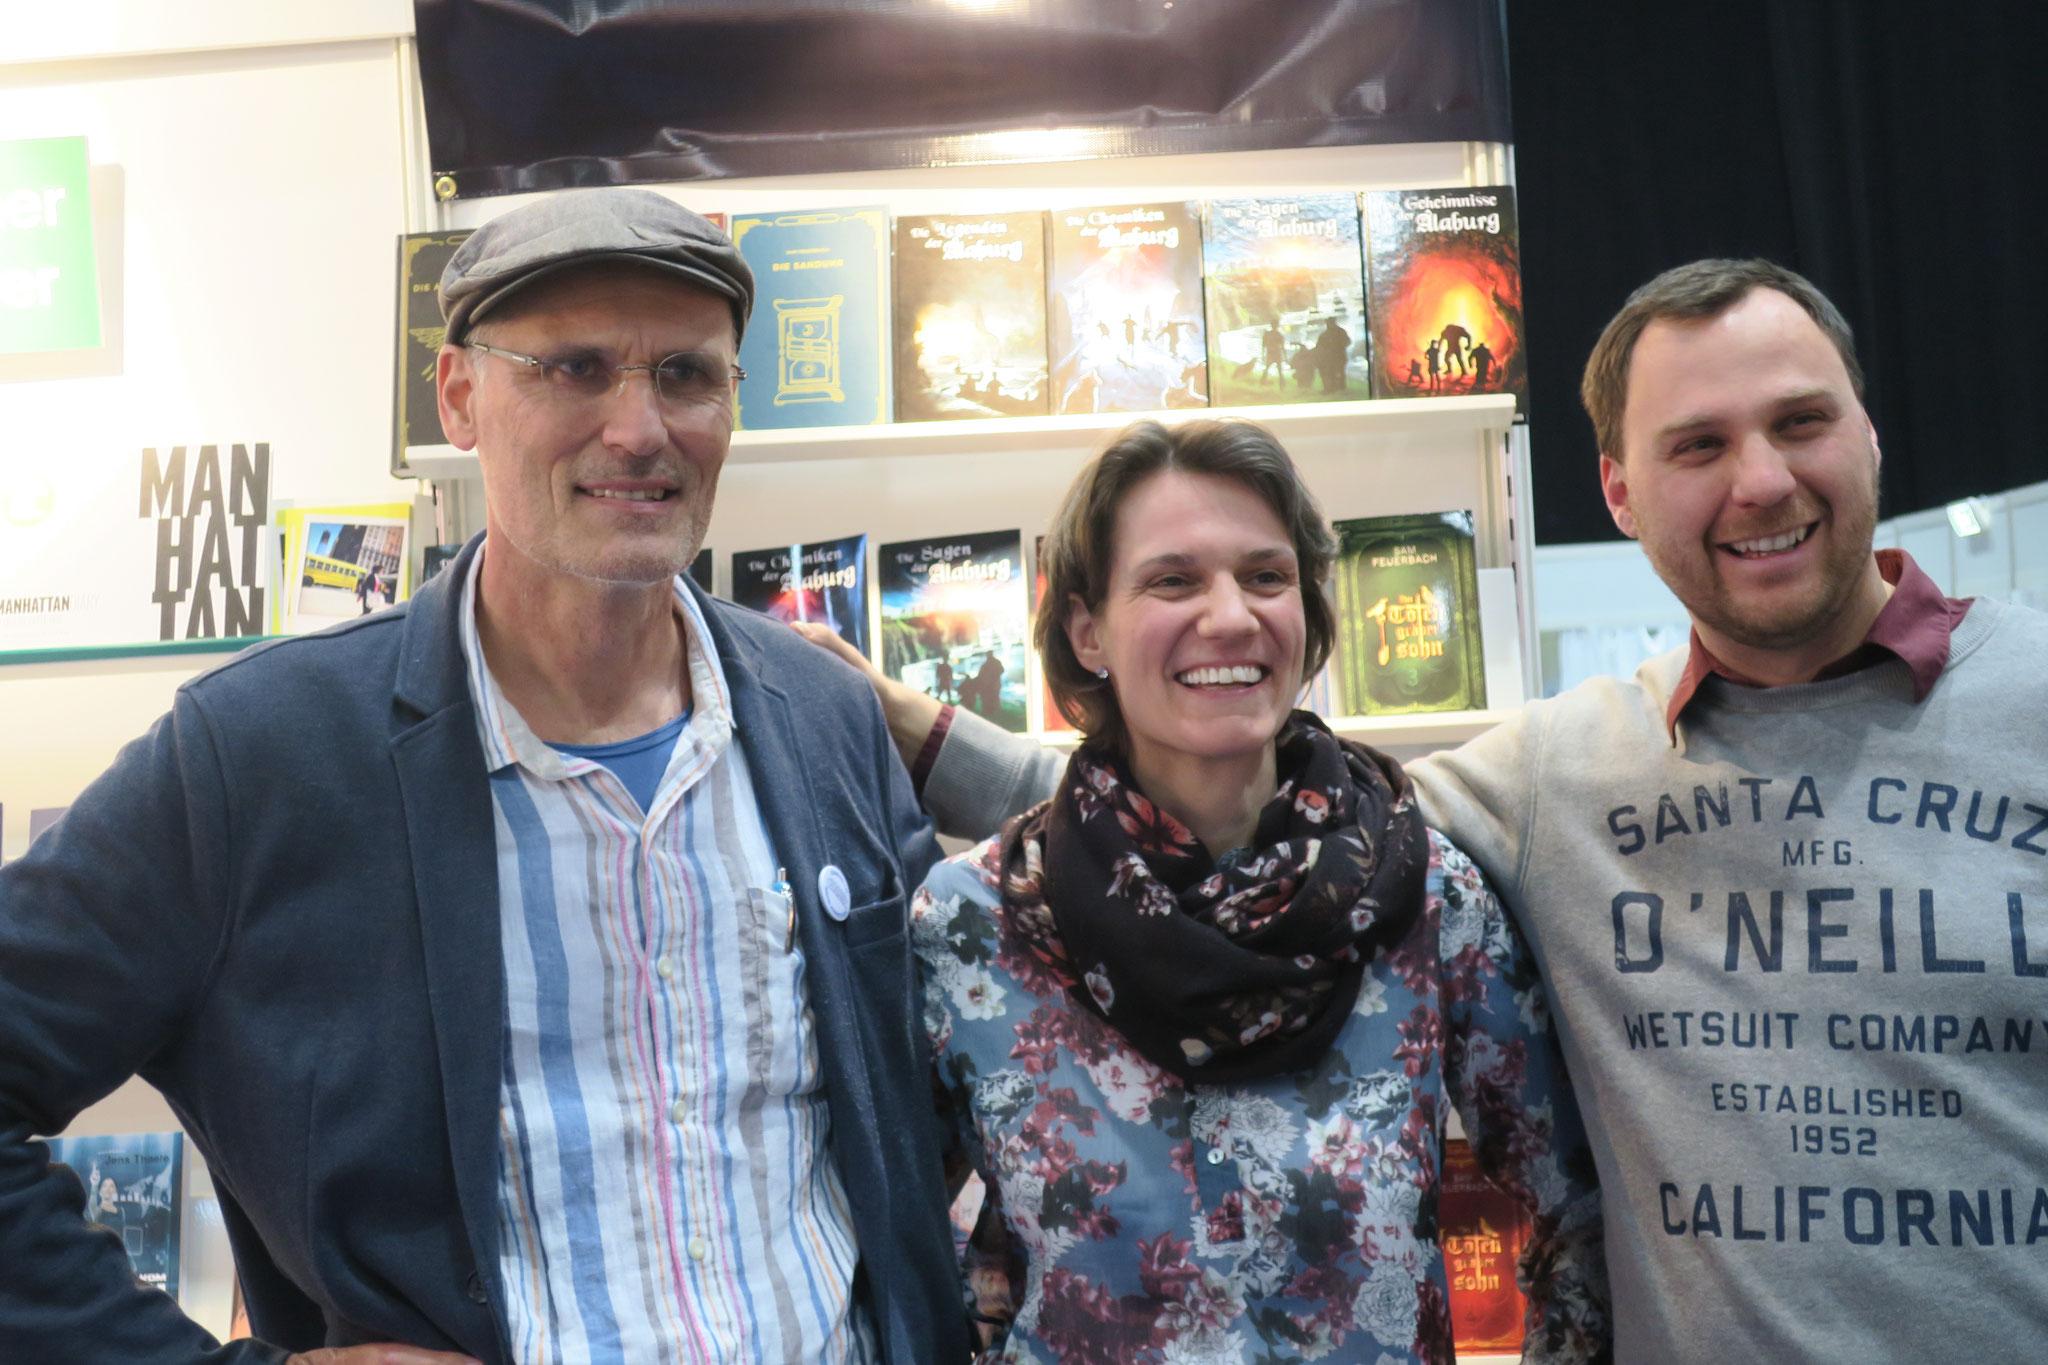 Sam mit Johanna Benden und Greg Walters